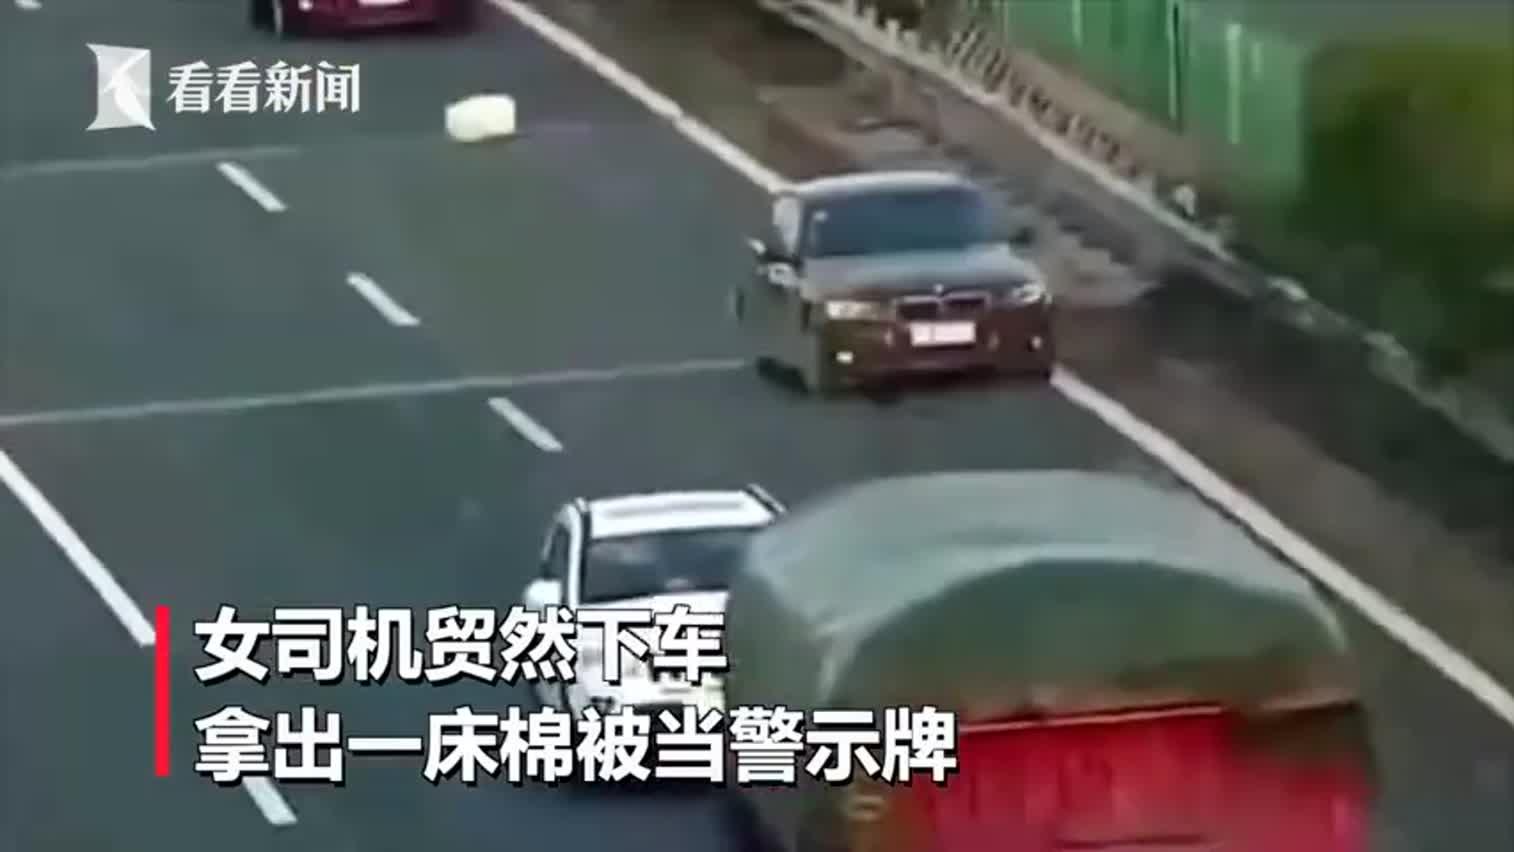 视频-高速上突然没油 女司机抱出棉被充当警示牌